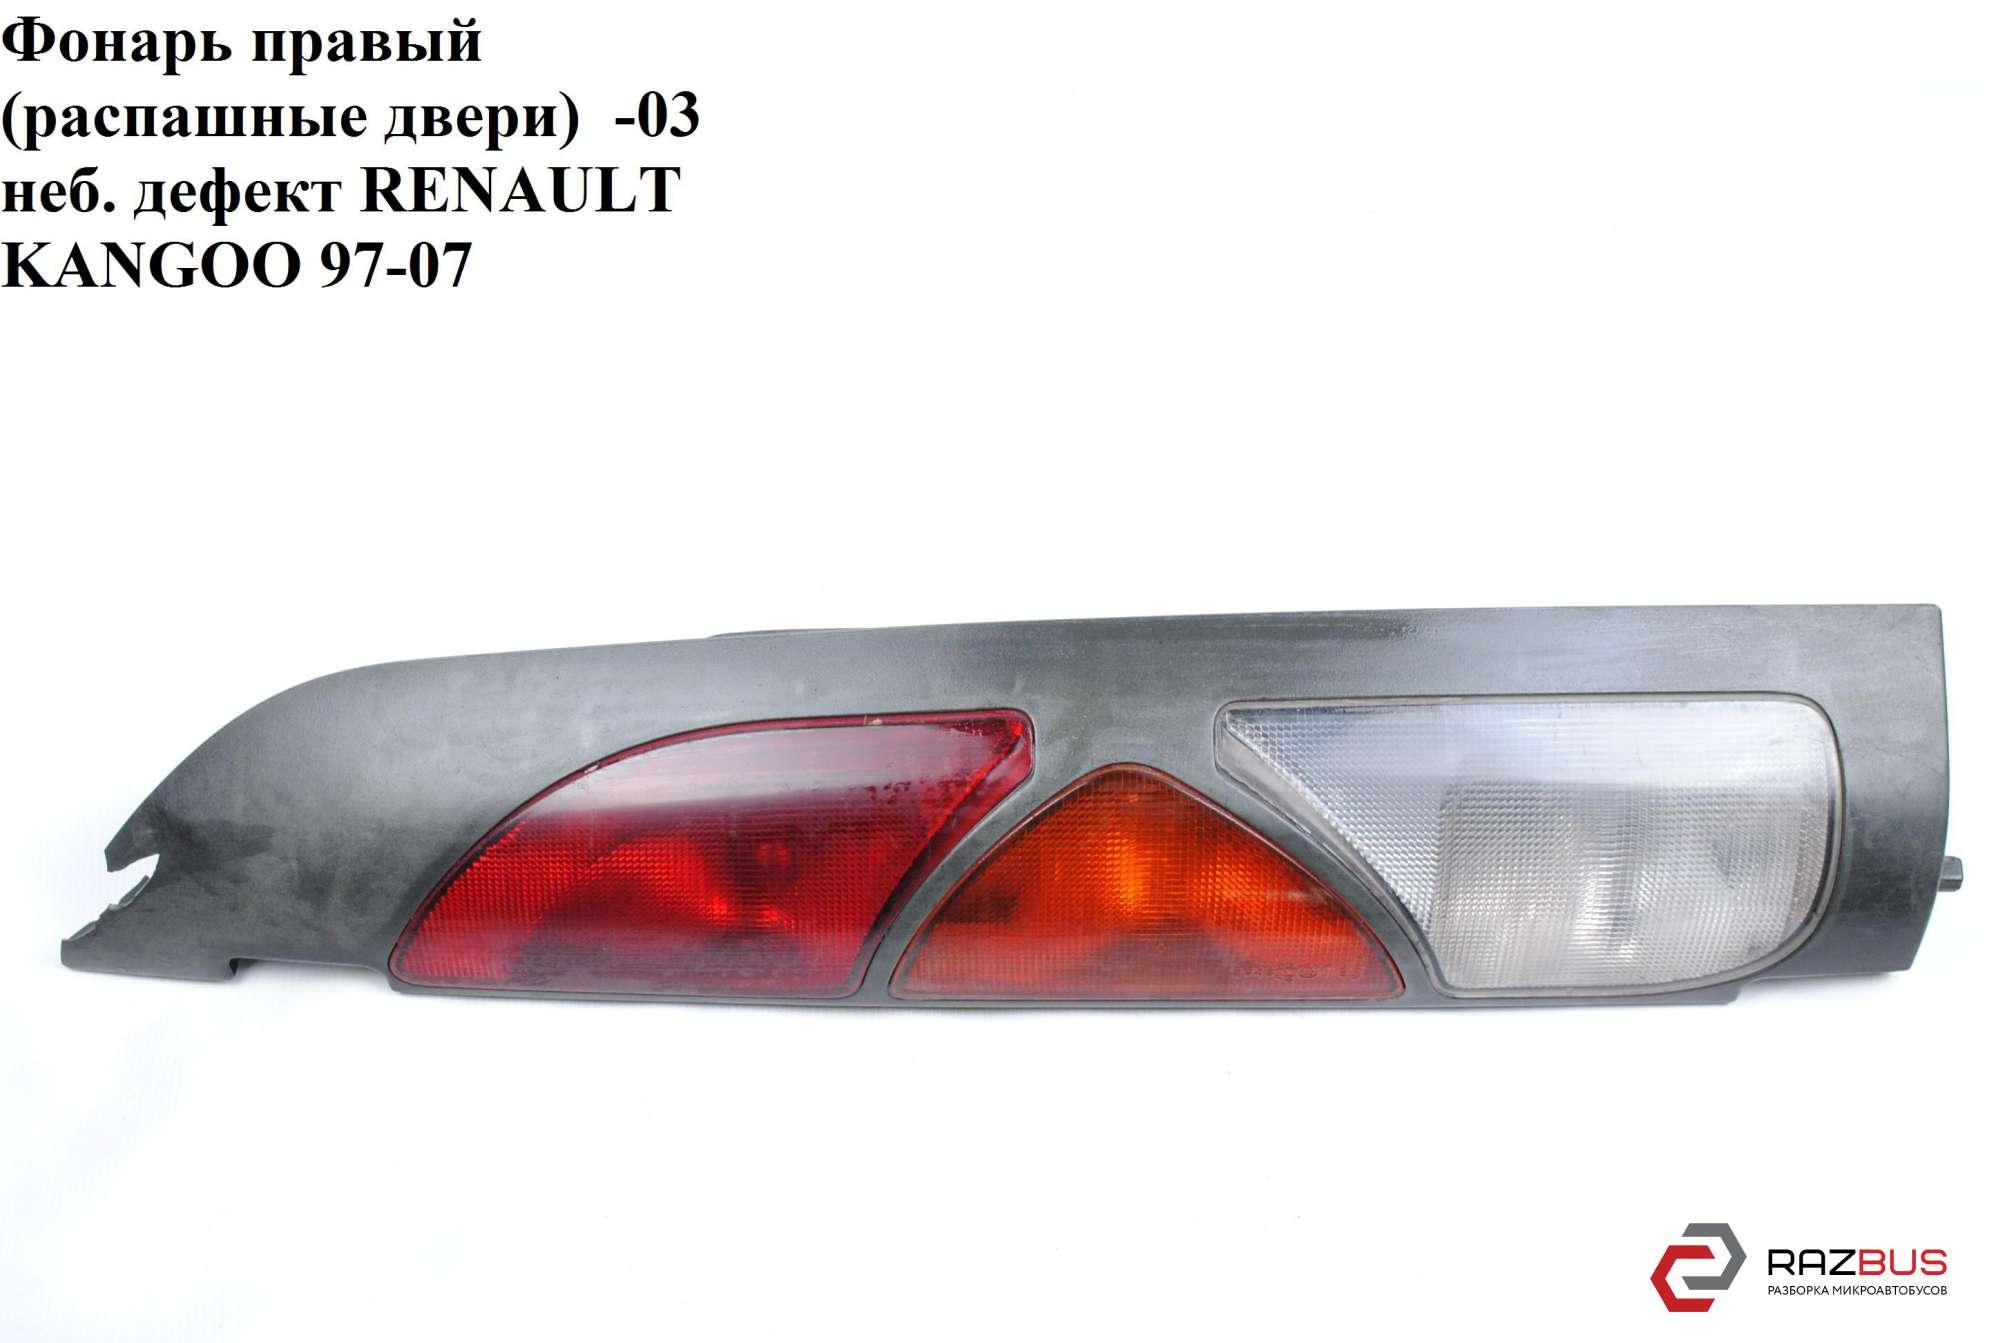 7700308714 Фонарь правый (распашные двери) -03 RENAULT KANGOO 1997-2007г